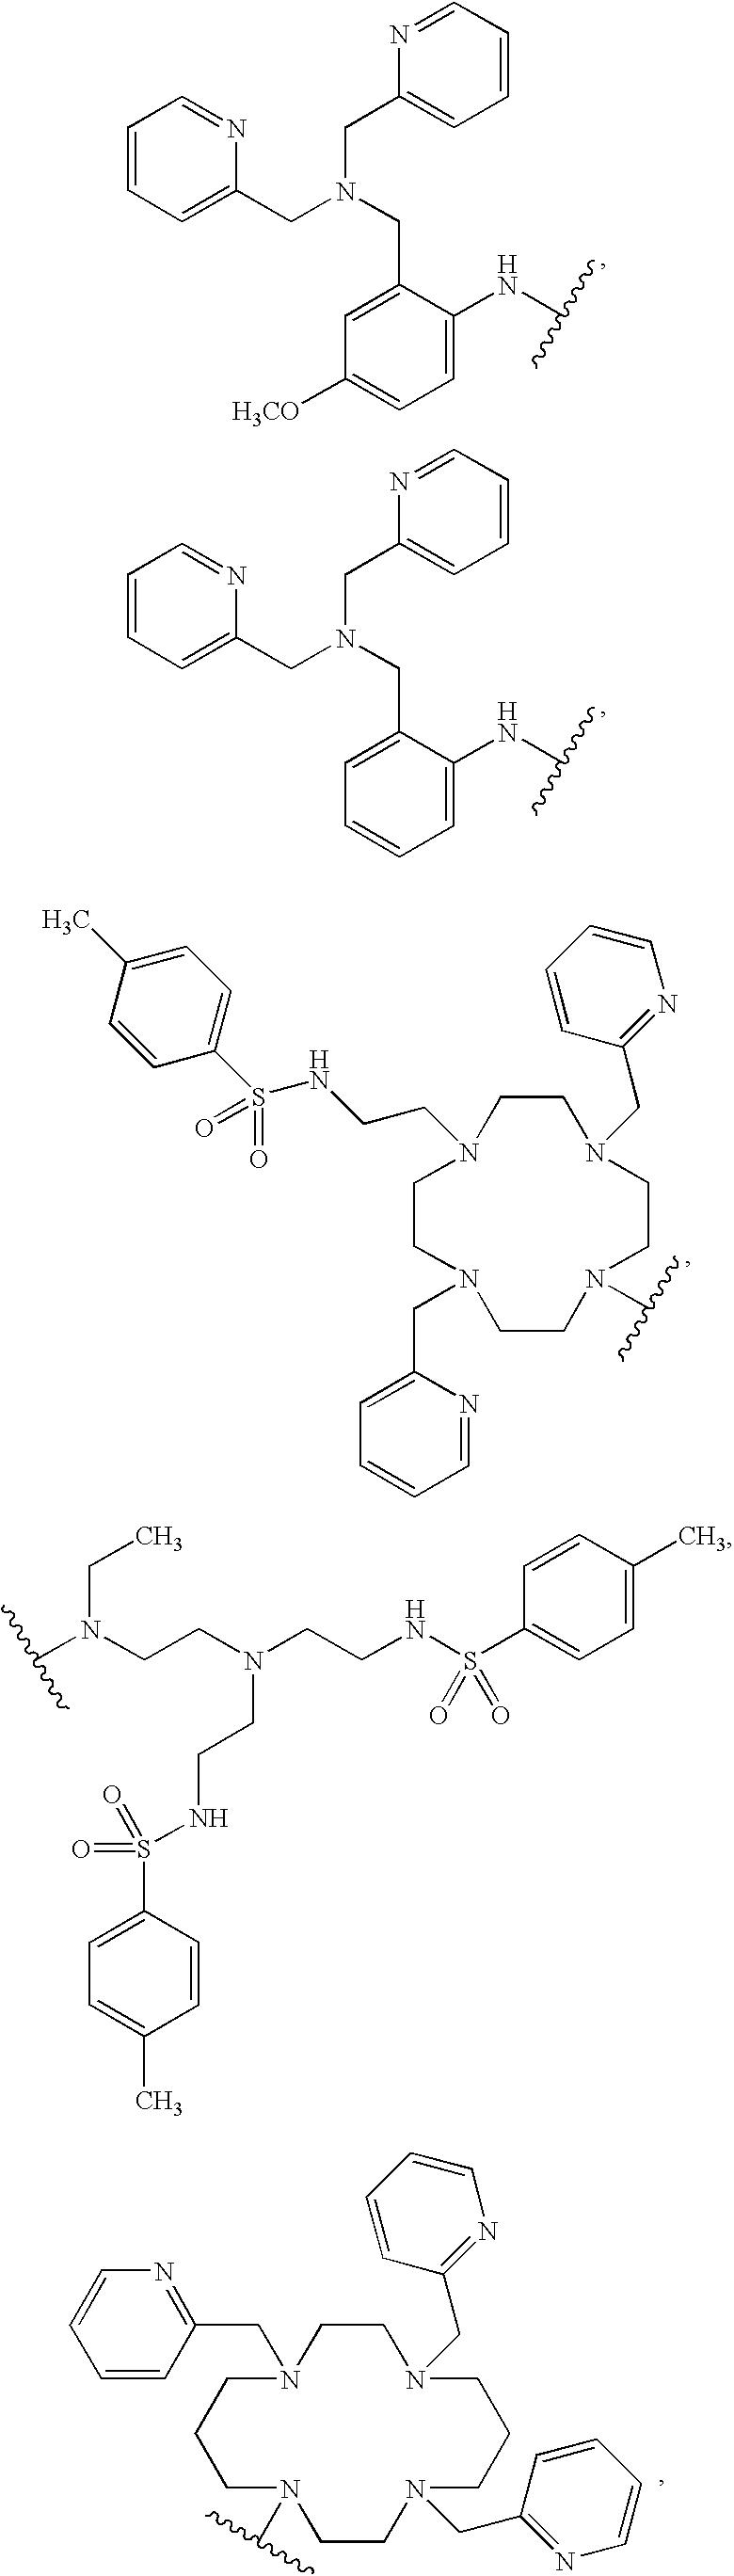 Figure US07488820-20090210-C00028